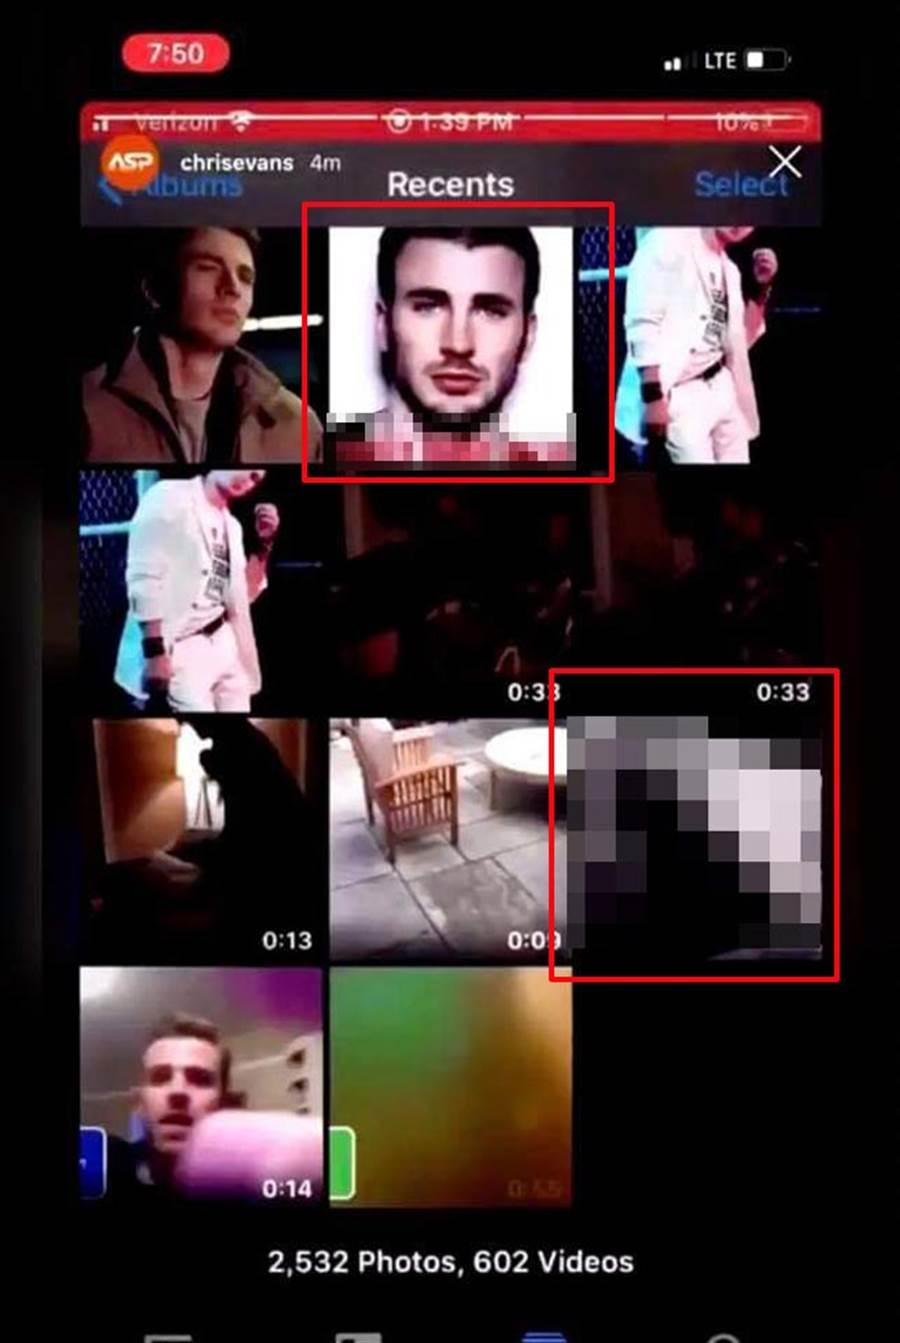 克里斯伊凡截取手機相簿畫面PO出,除大鵰照外,還有帥臉配上18禁文字,引發熱議。(翻攝自推特/jumpfall__)